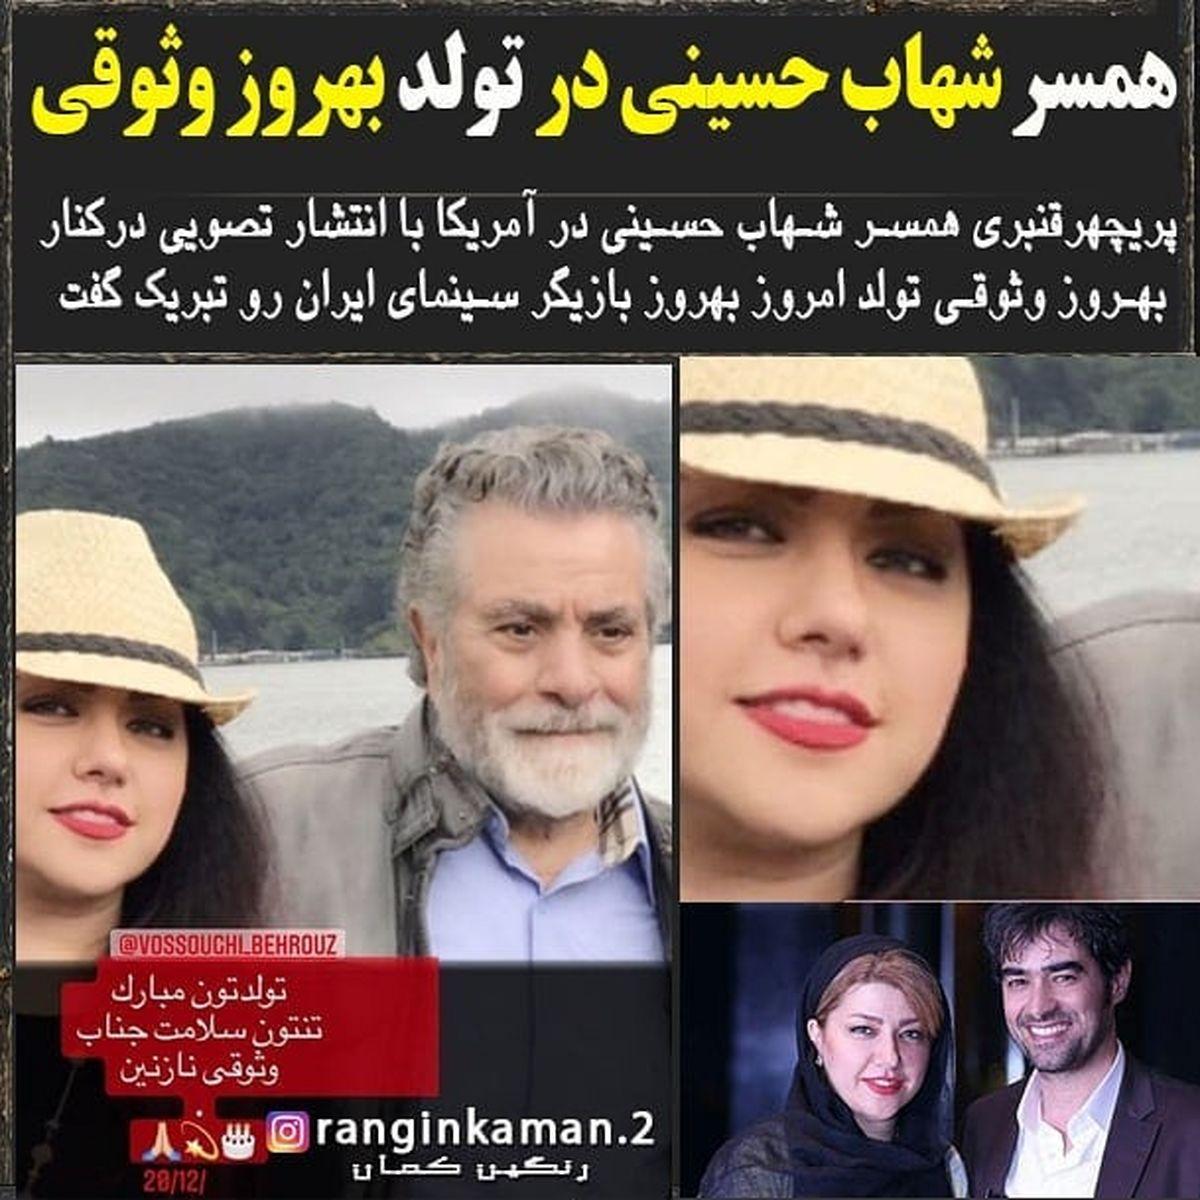 همسر شهاب حسینی بی حجاب در جشن تولد بهروز وثوقی!+عکس